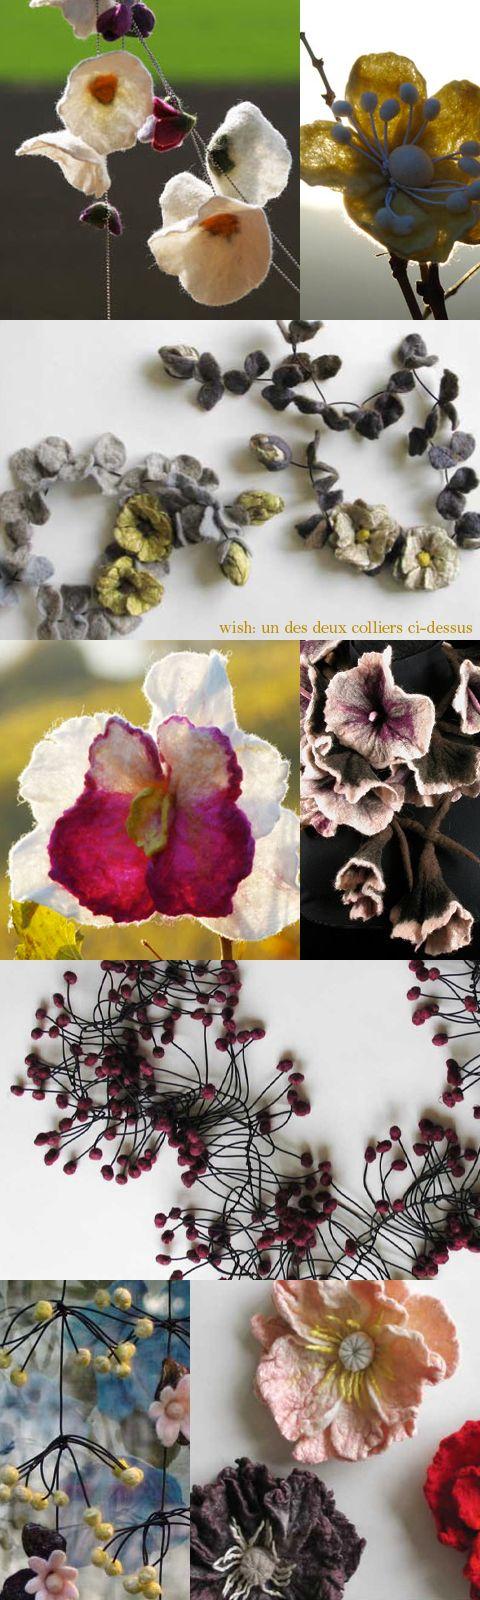 Karin Wagner - felt flowers?